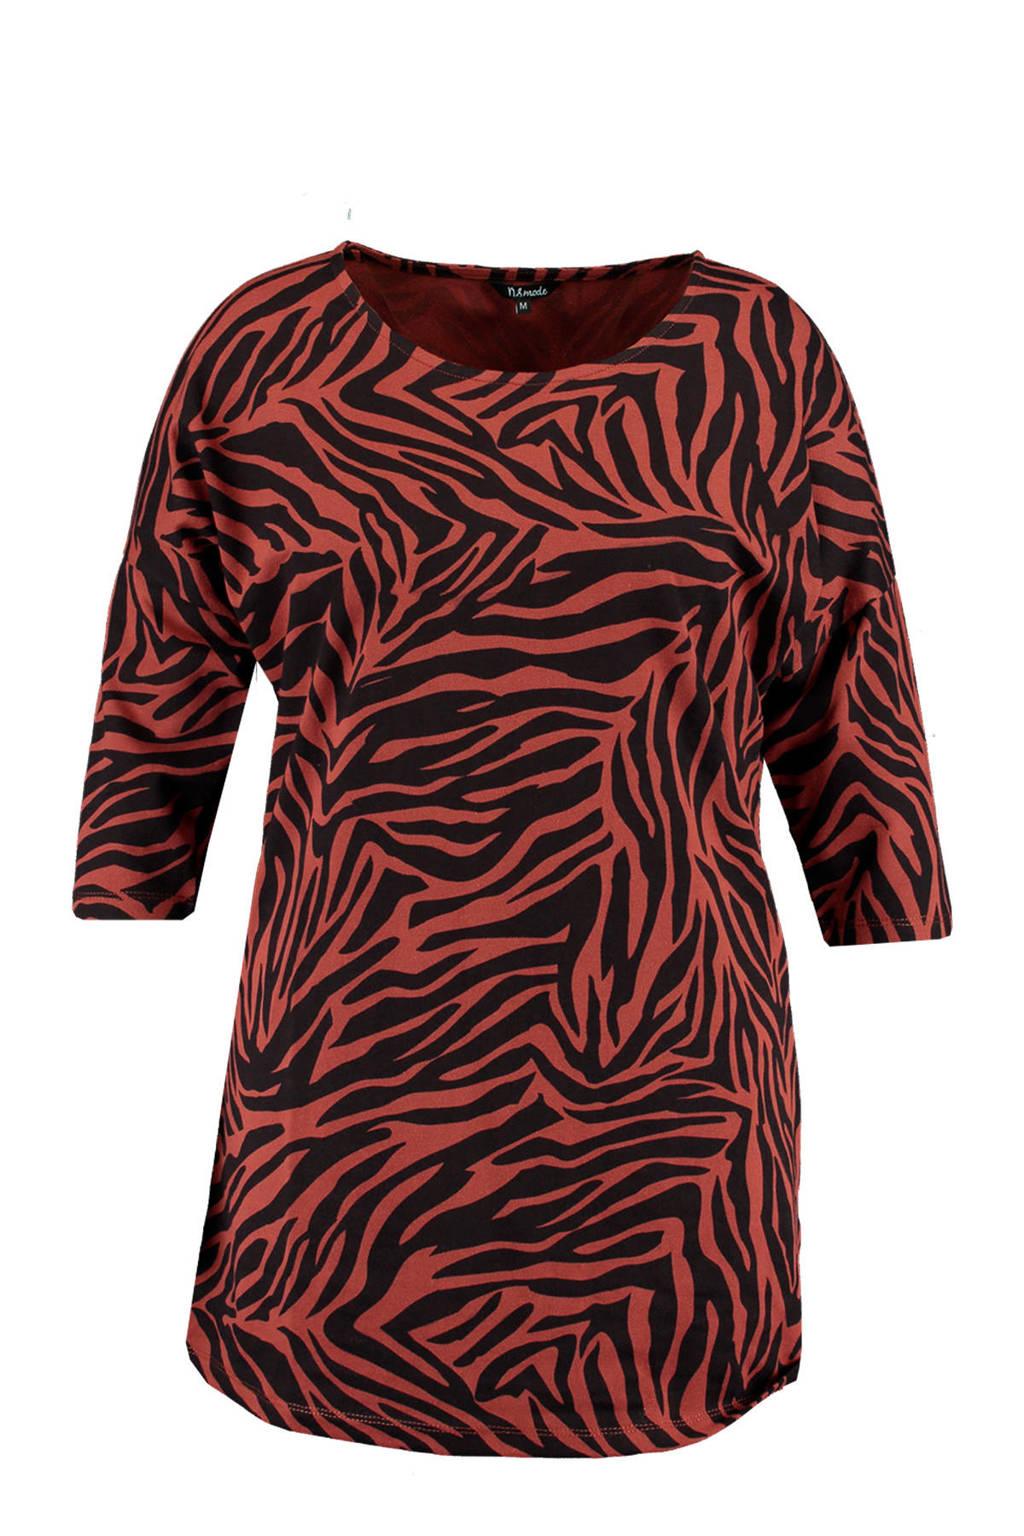 MS Mode T-shirt met zebraprint rood/zwart, Rood/zwart